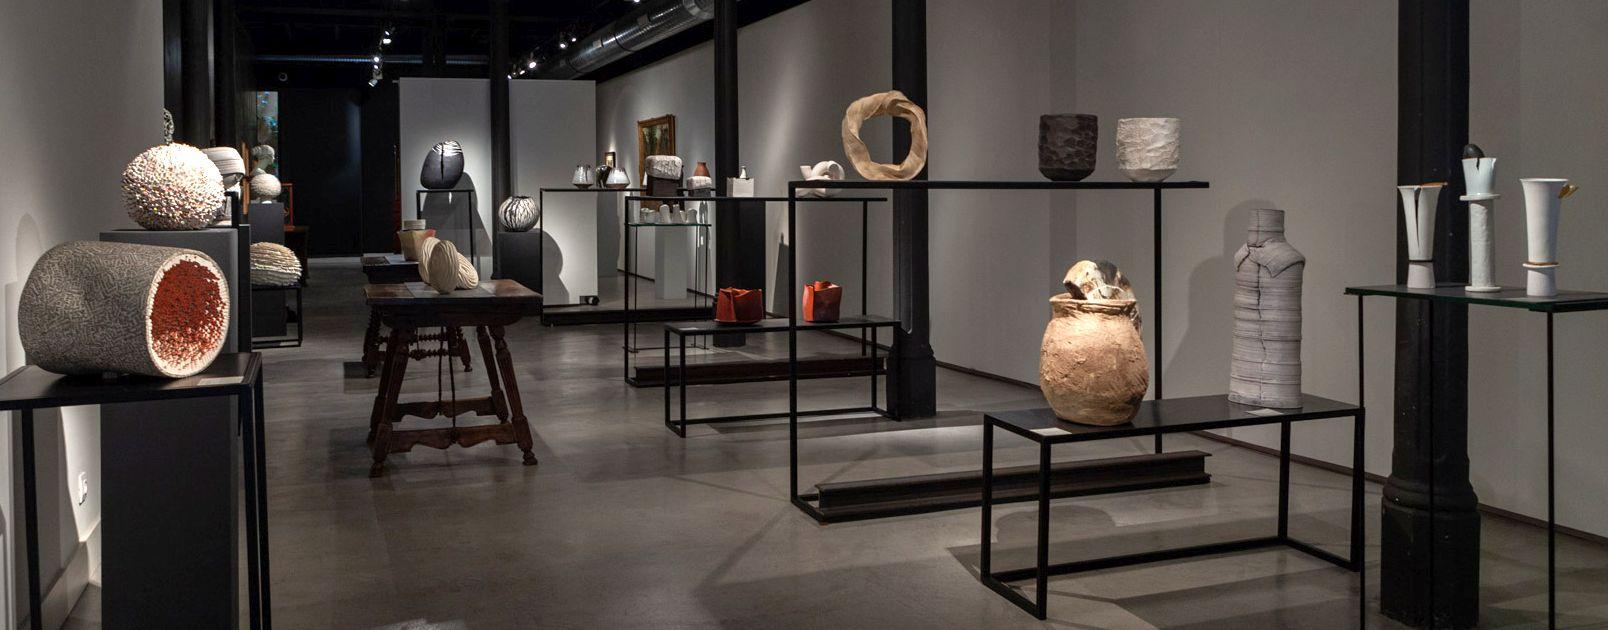 Nuevos lenguajes, texturas y materiales: así salta al vacío la cerámica contemporánea